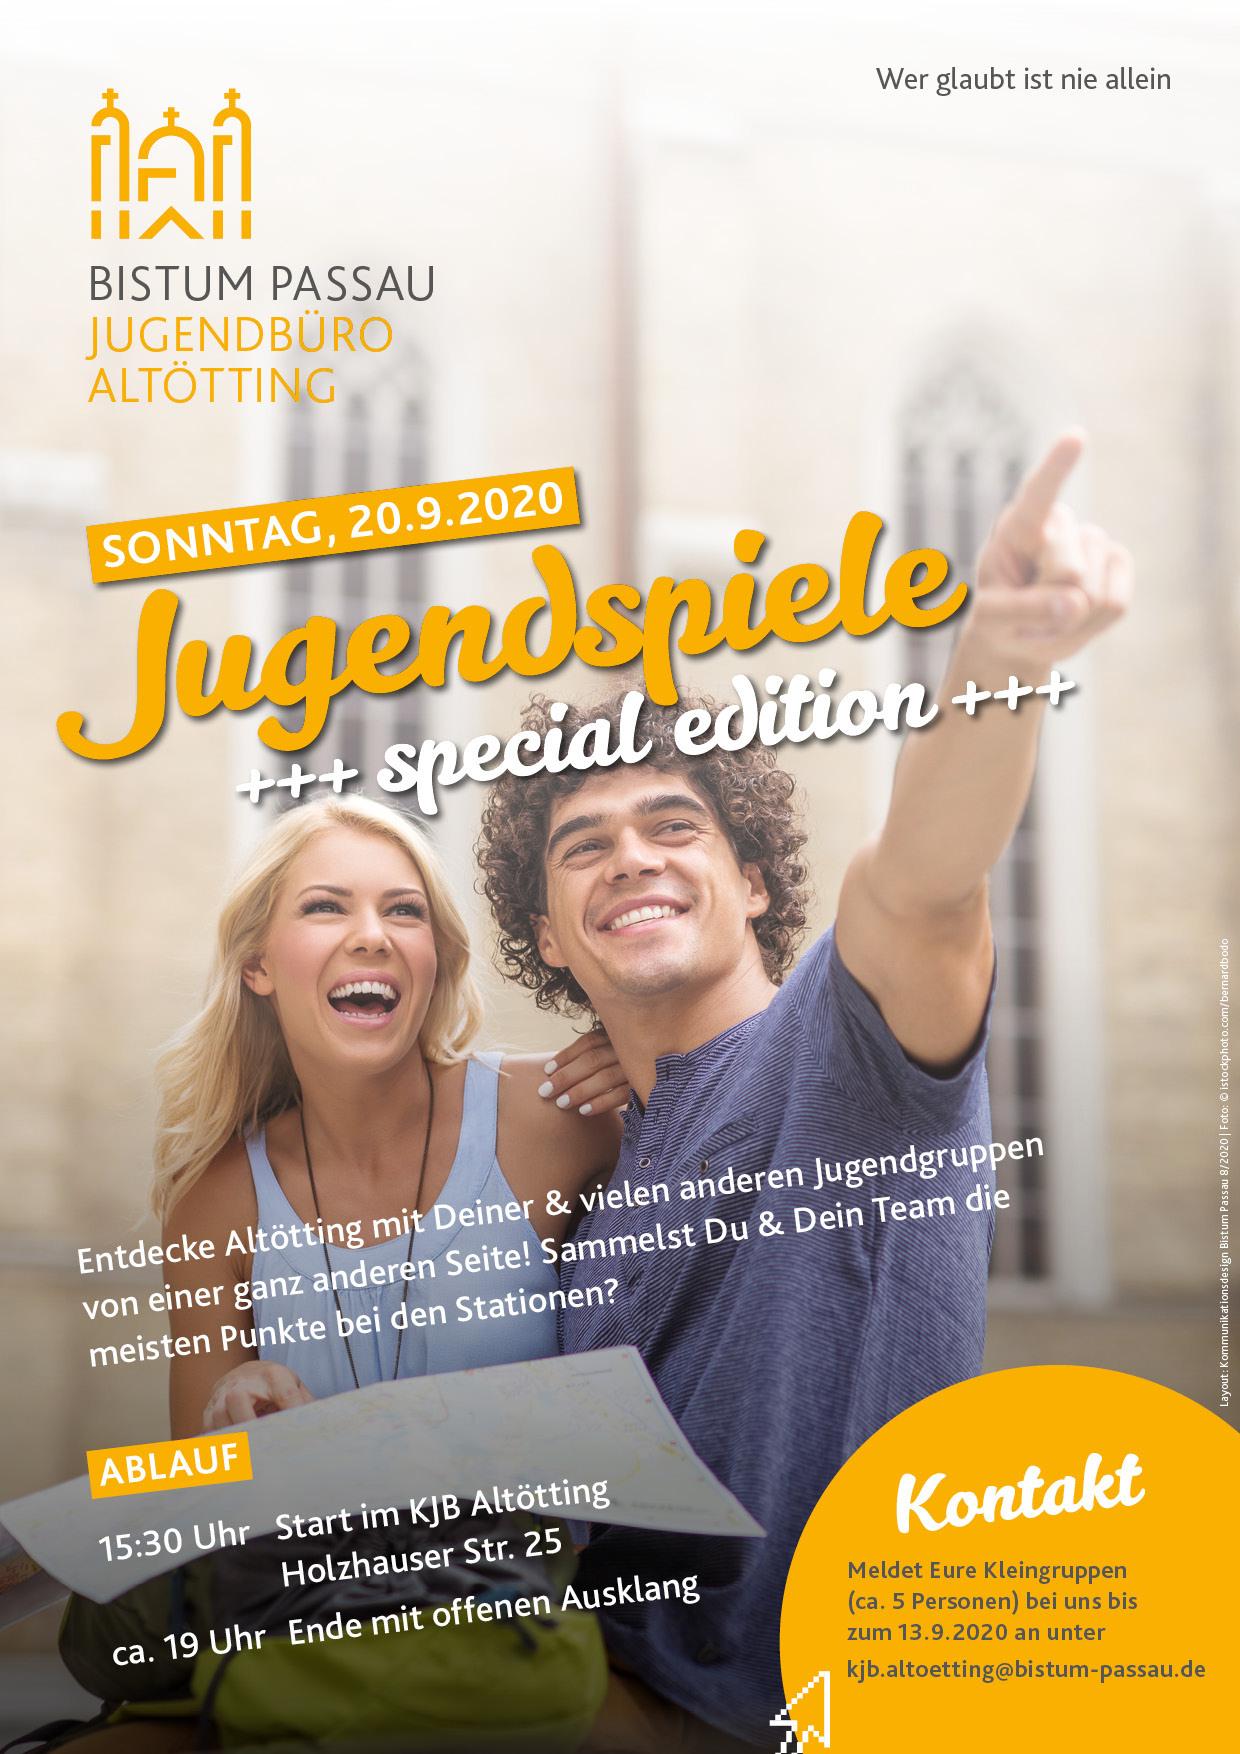 Kjbaoe Jugendspiele Plakat A4 200813 web